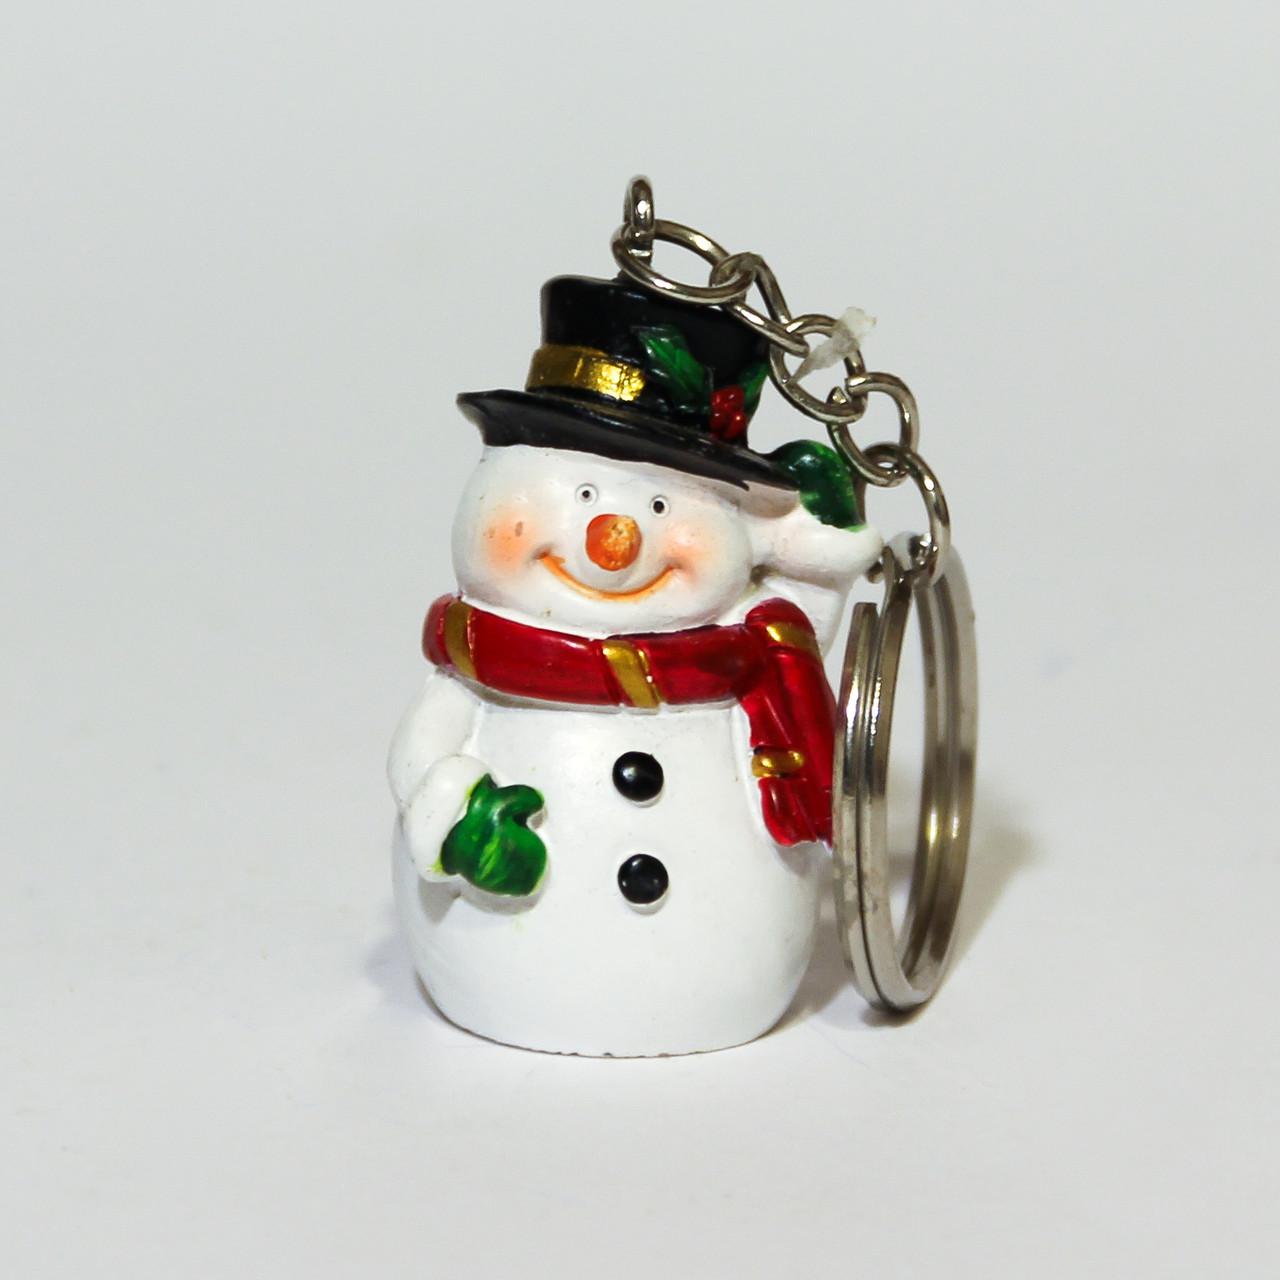 Декоративная фигурка-брелок - Снеговик, 5 см, белый, полистоун (022304-1)